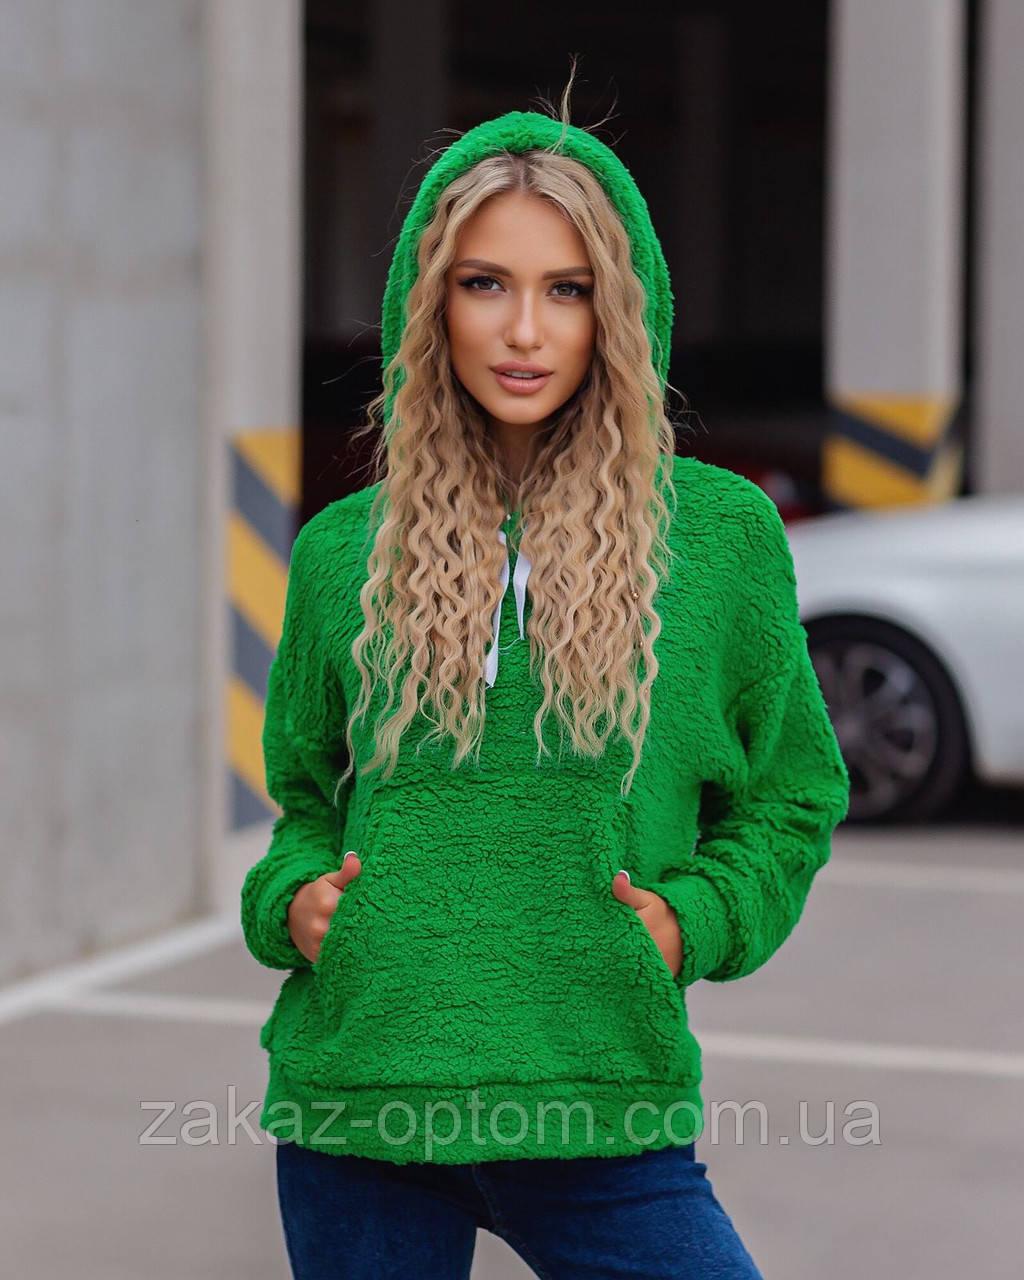 Батник жіночий теди з кишенями оптом(42-44,46-48)Україна 5006-80863